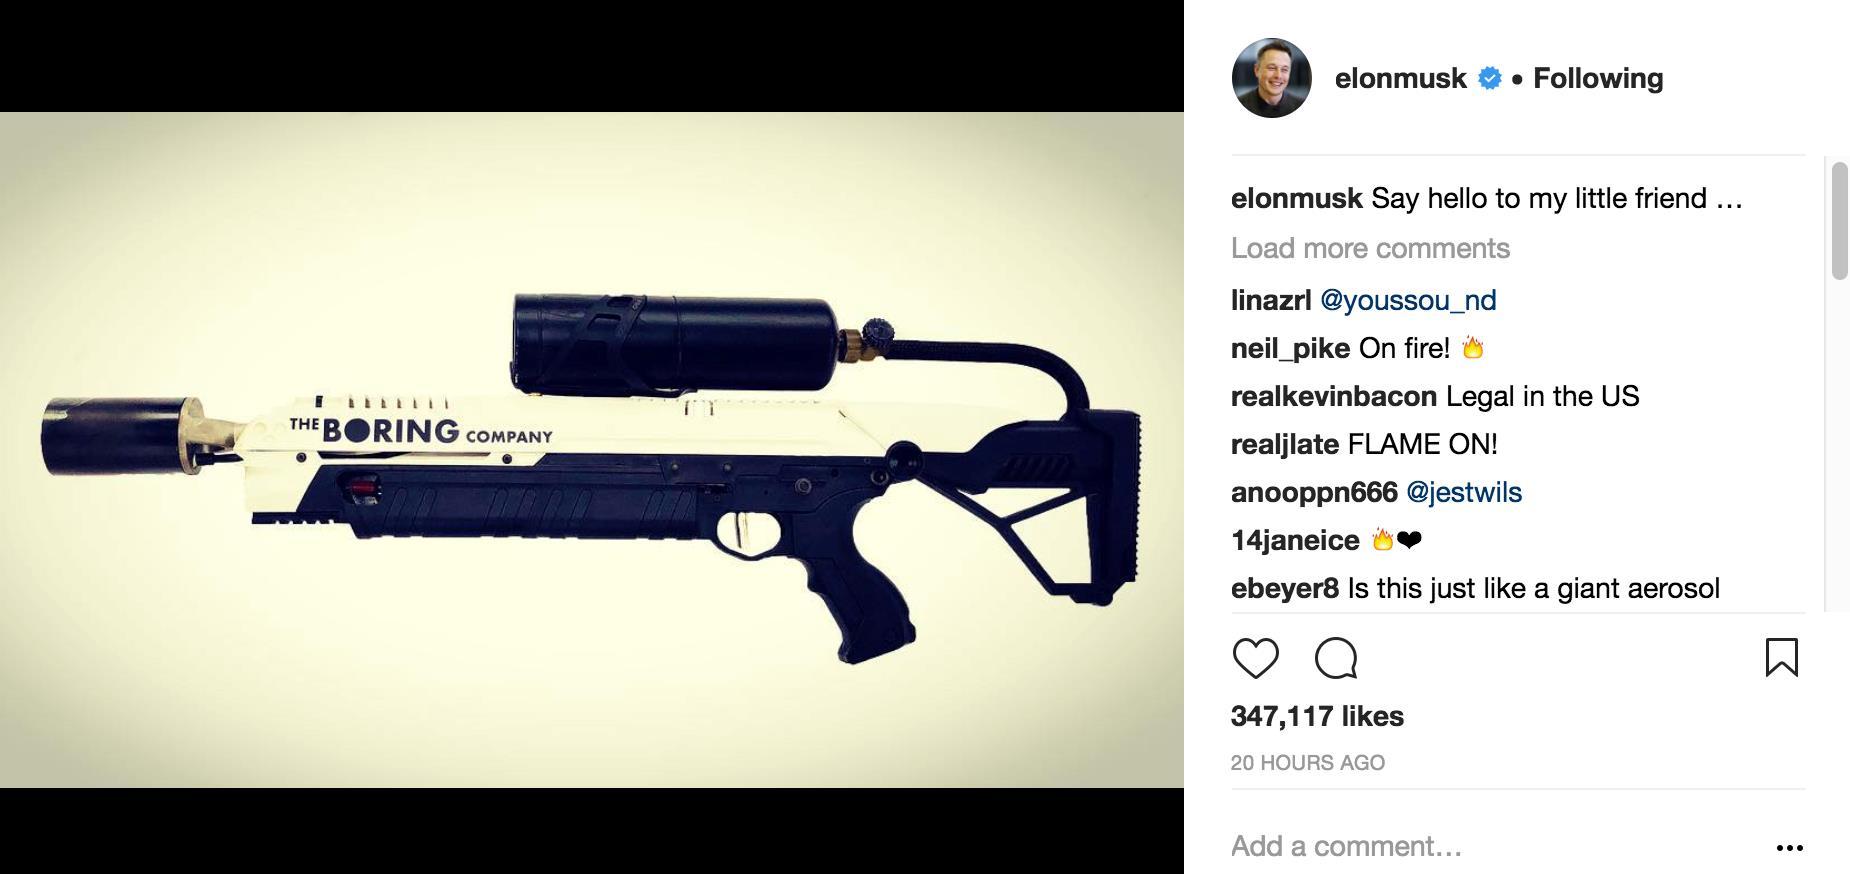 Il post di Instagram con il lanciafiamme di Elon Musk